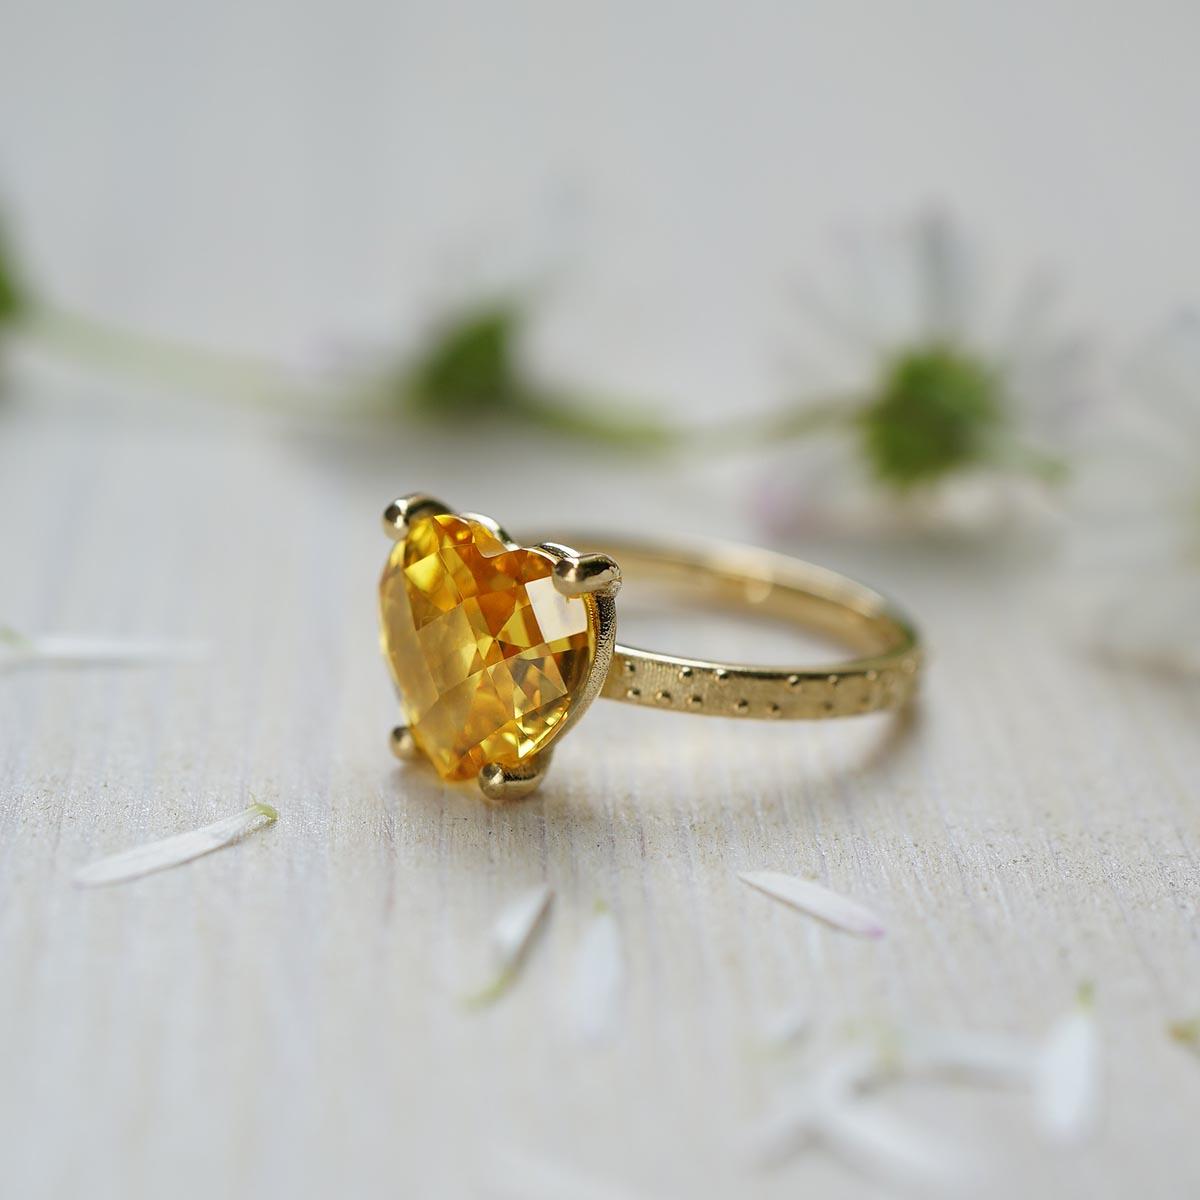 FINGERGLÜCK - Ring Déjà-vu, 750 Gelbgold mit Zirkon